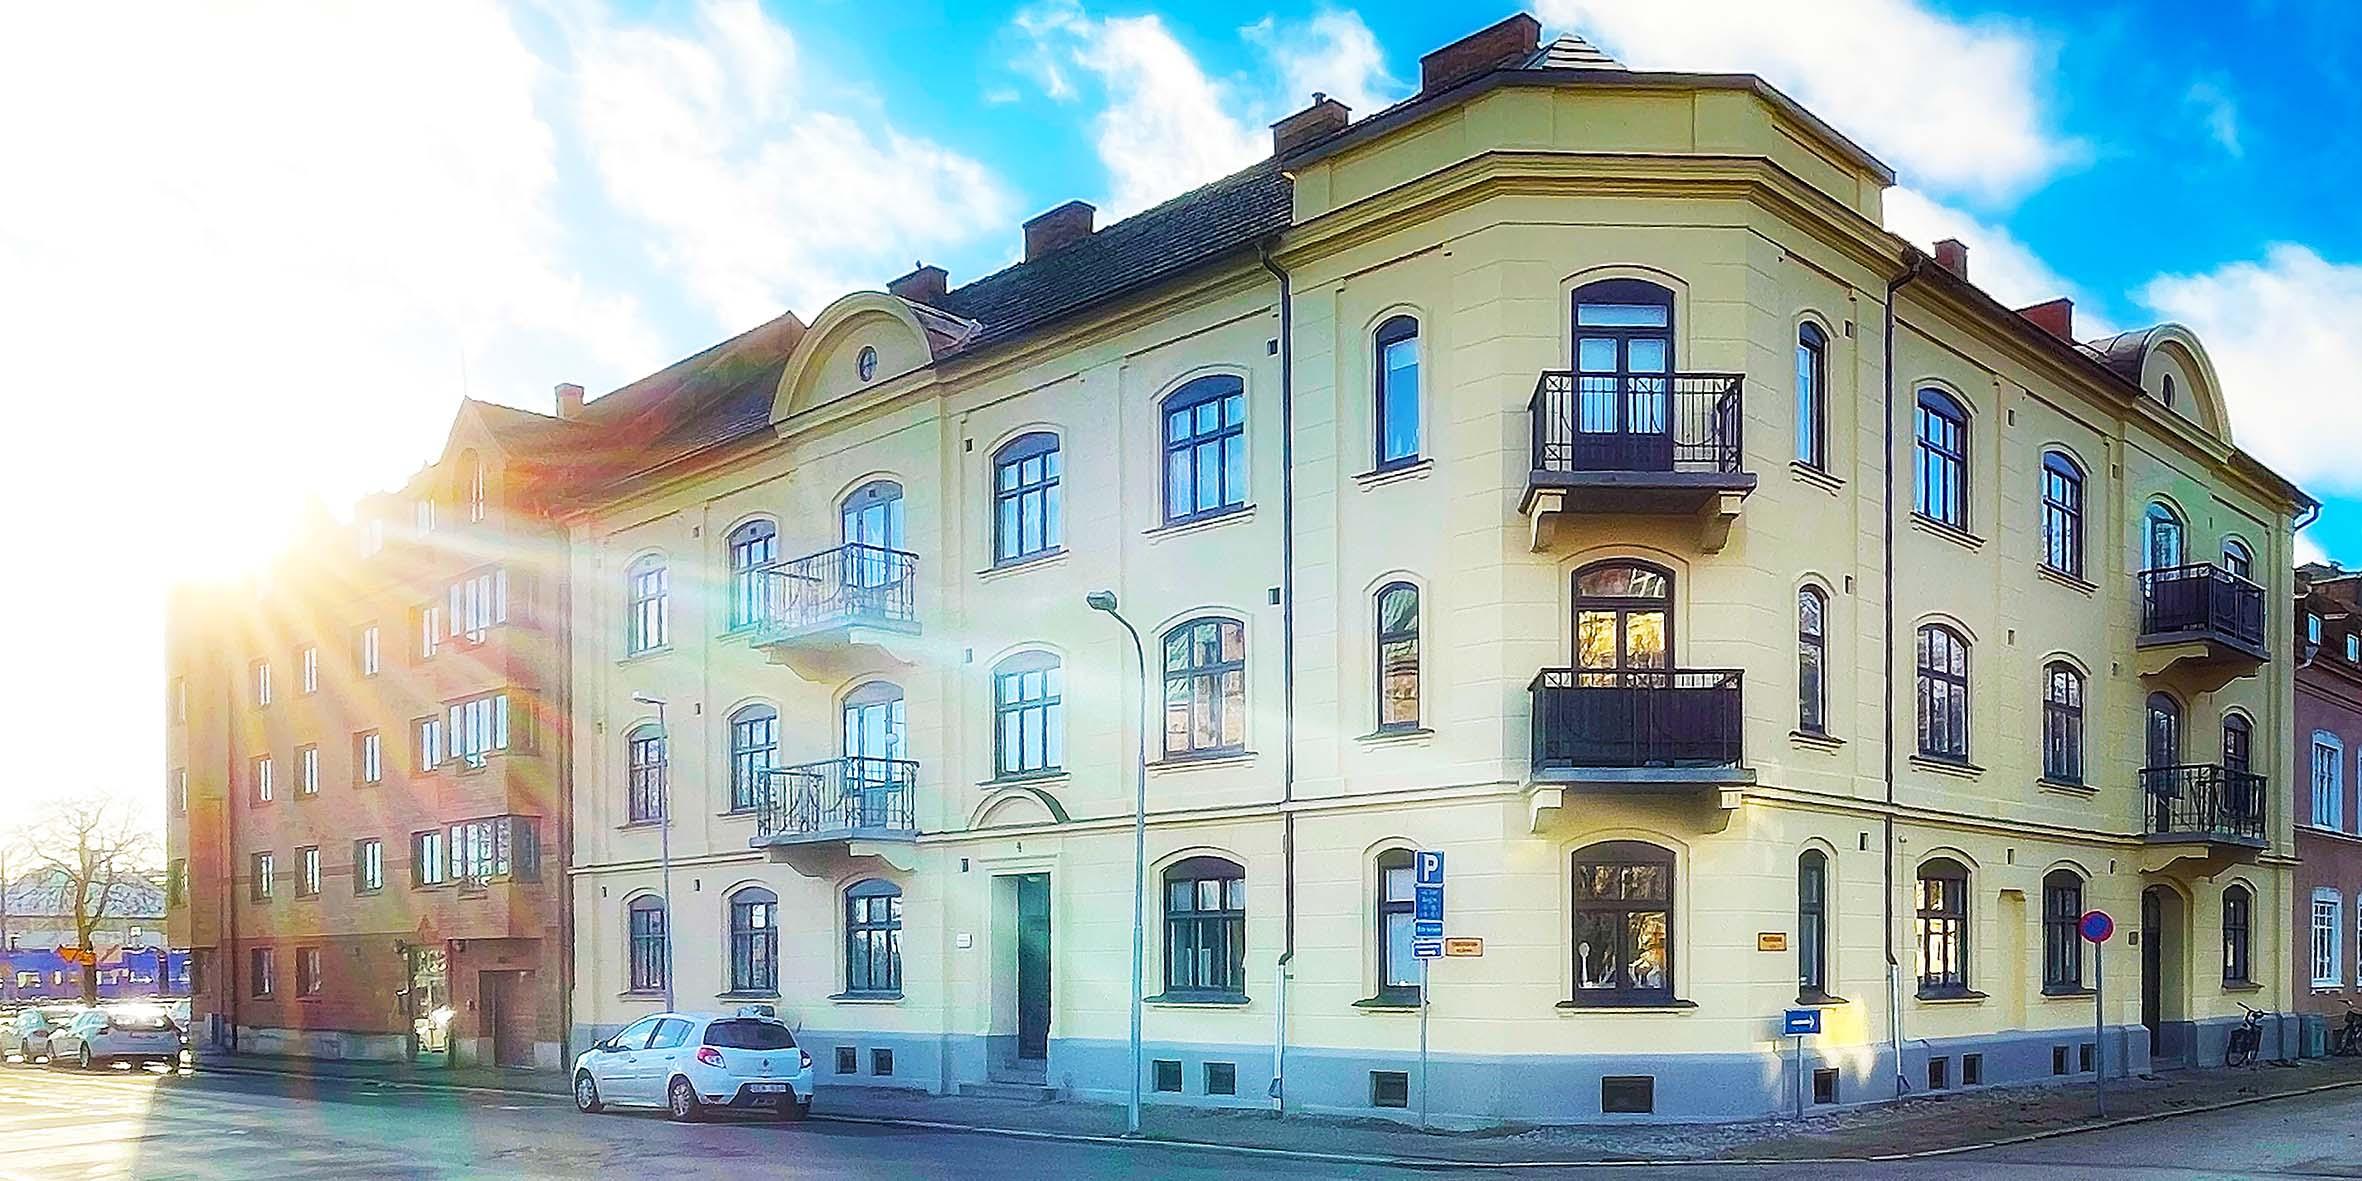 En ljusgul fasad med vackra gamla smidesbalkonger